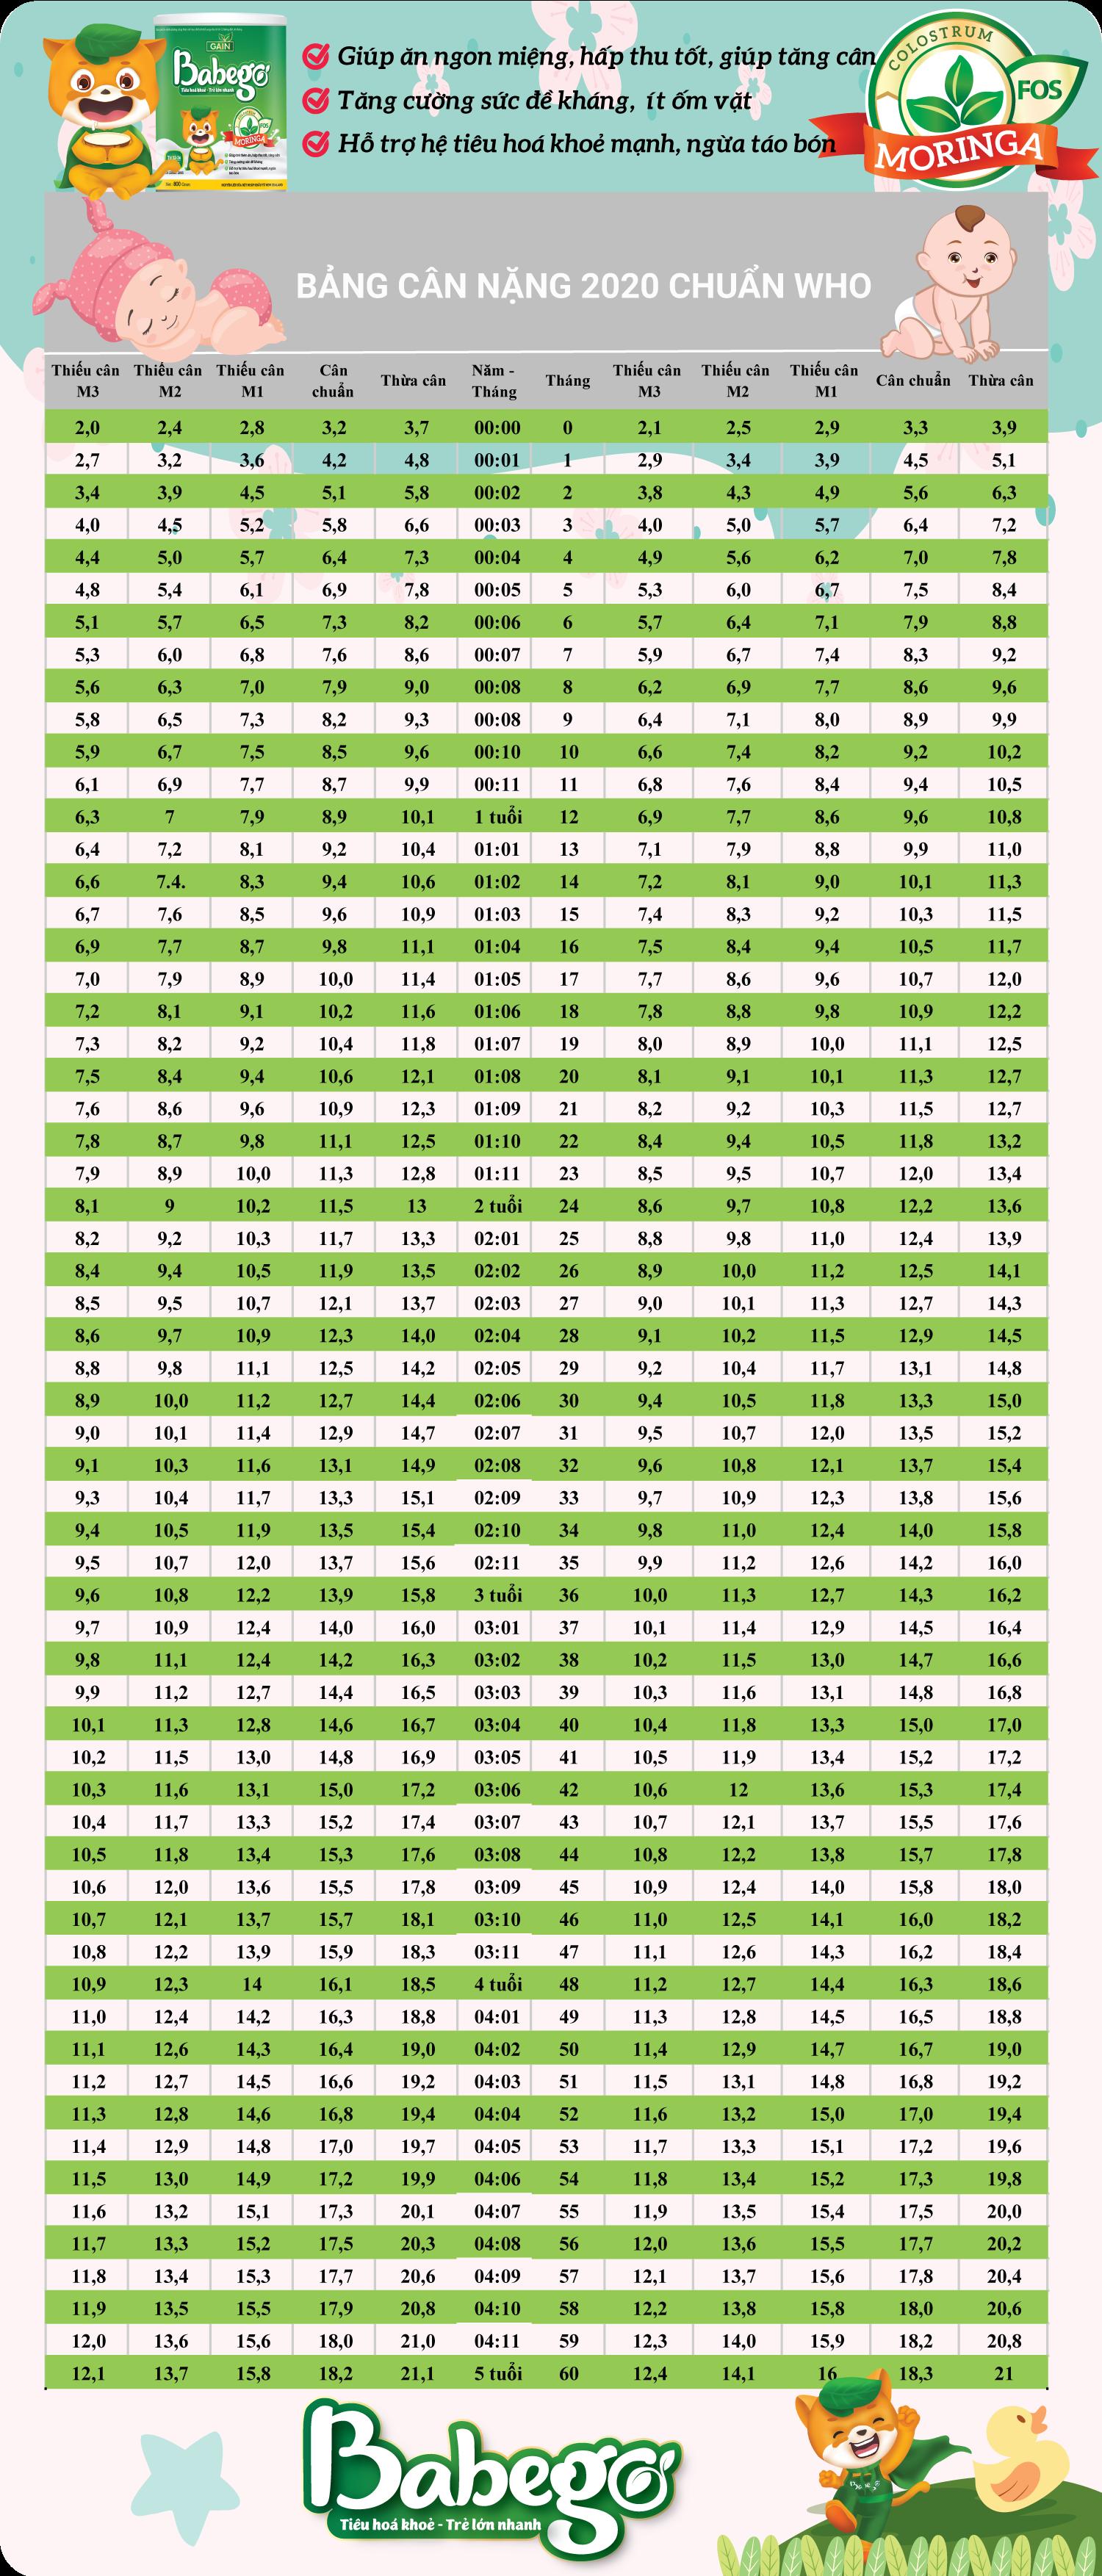 Bảng cân nặng cho bé 2020 từ 0-5 tuổi